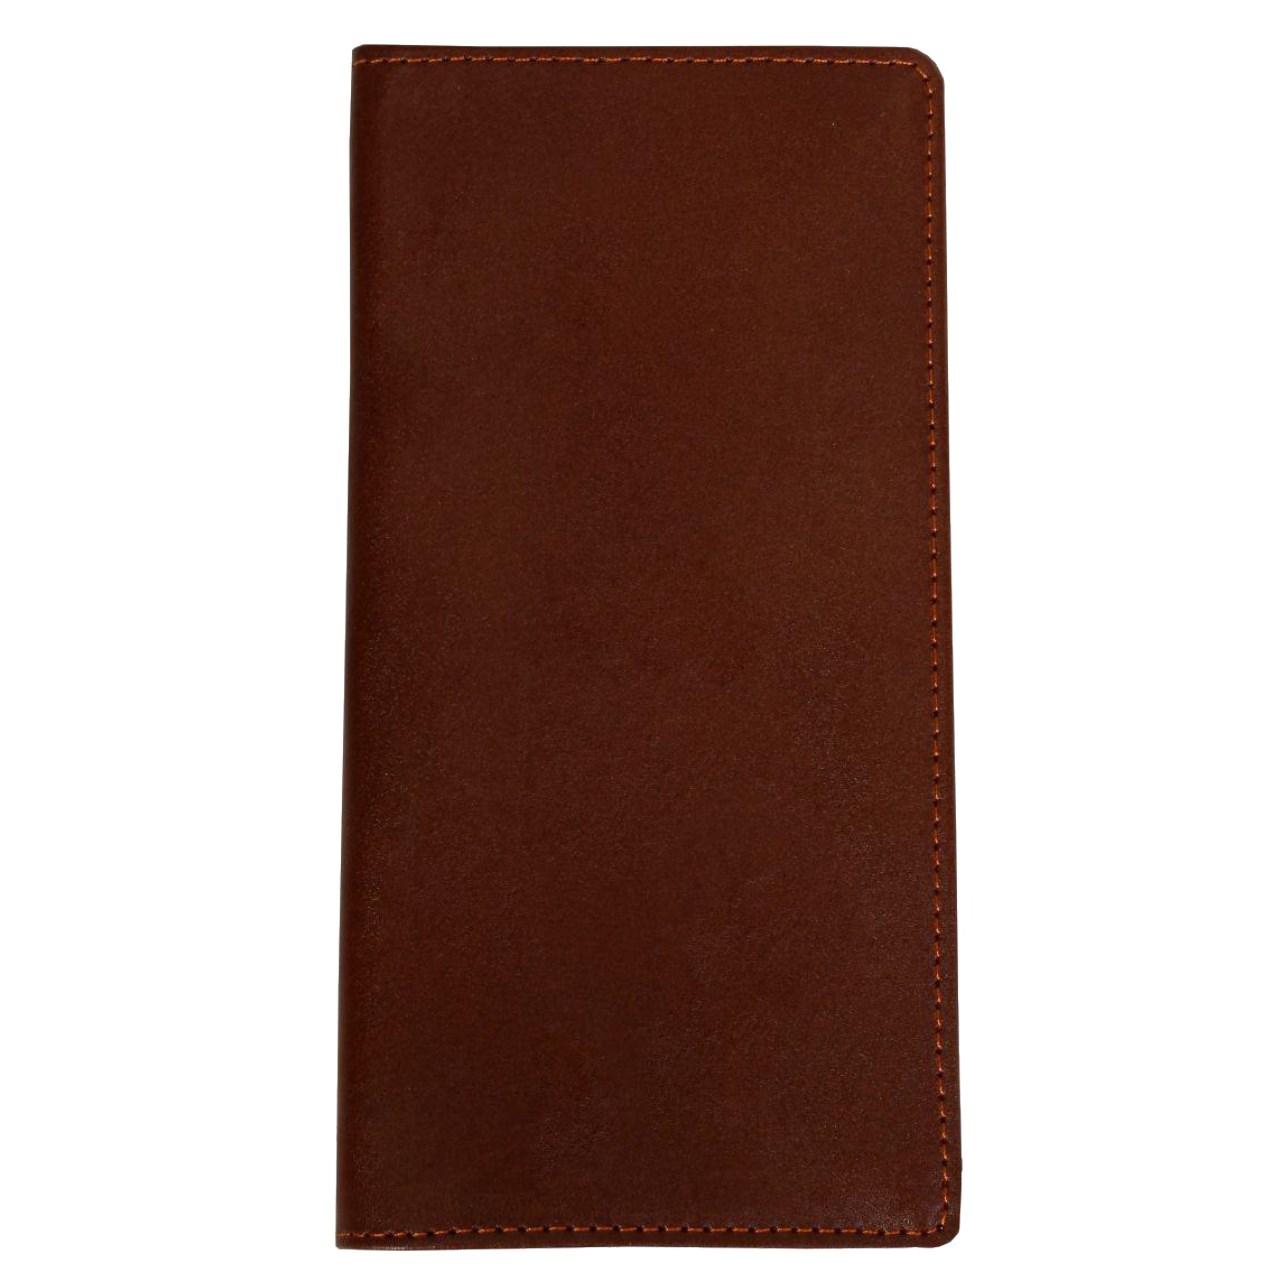 کیف کتی مردانه چرم طبیعی چرم ناب کد 12